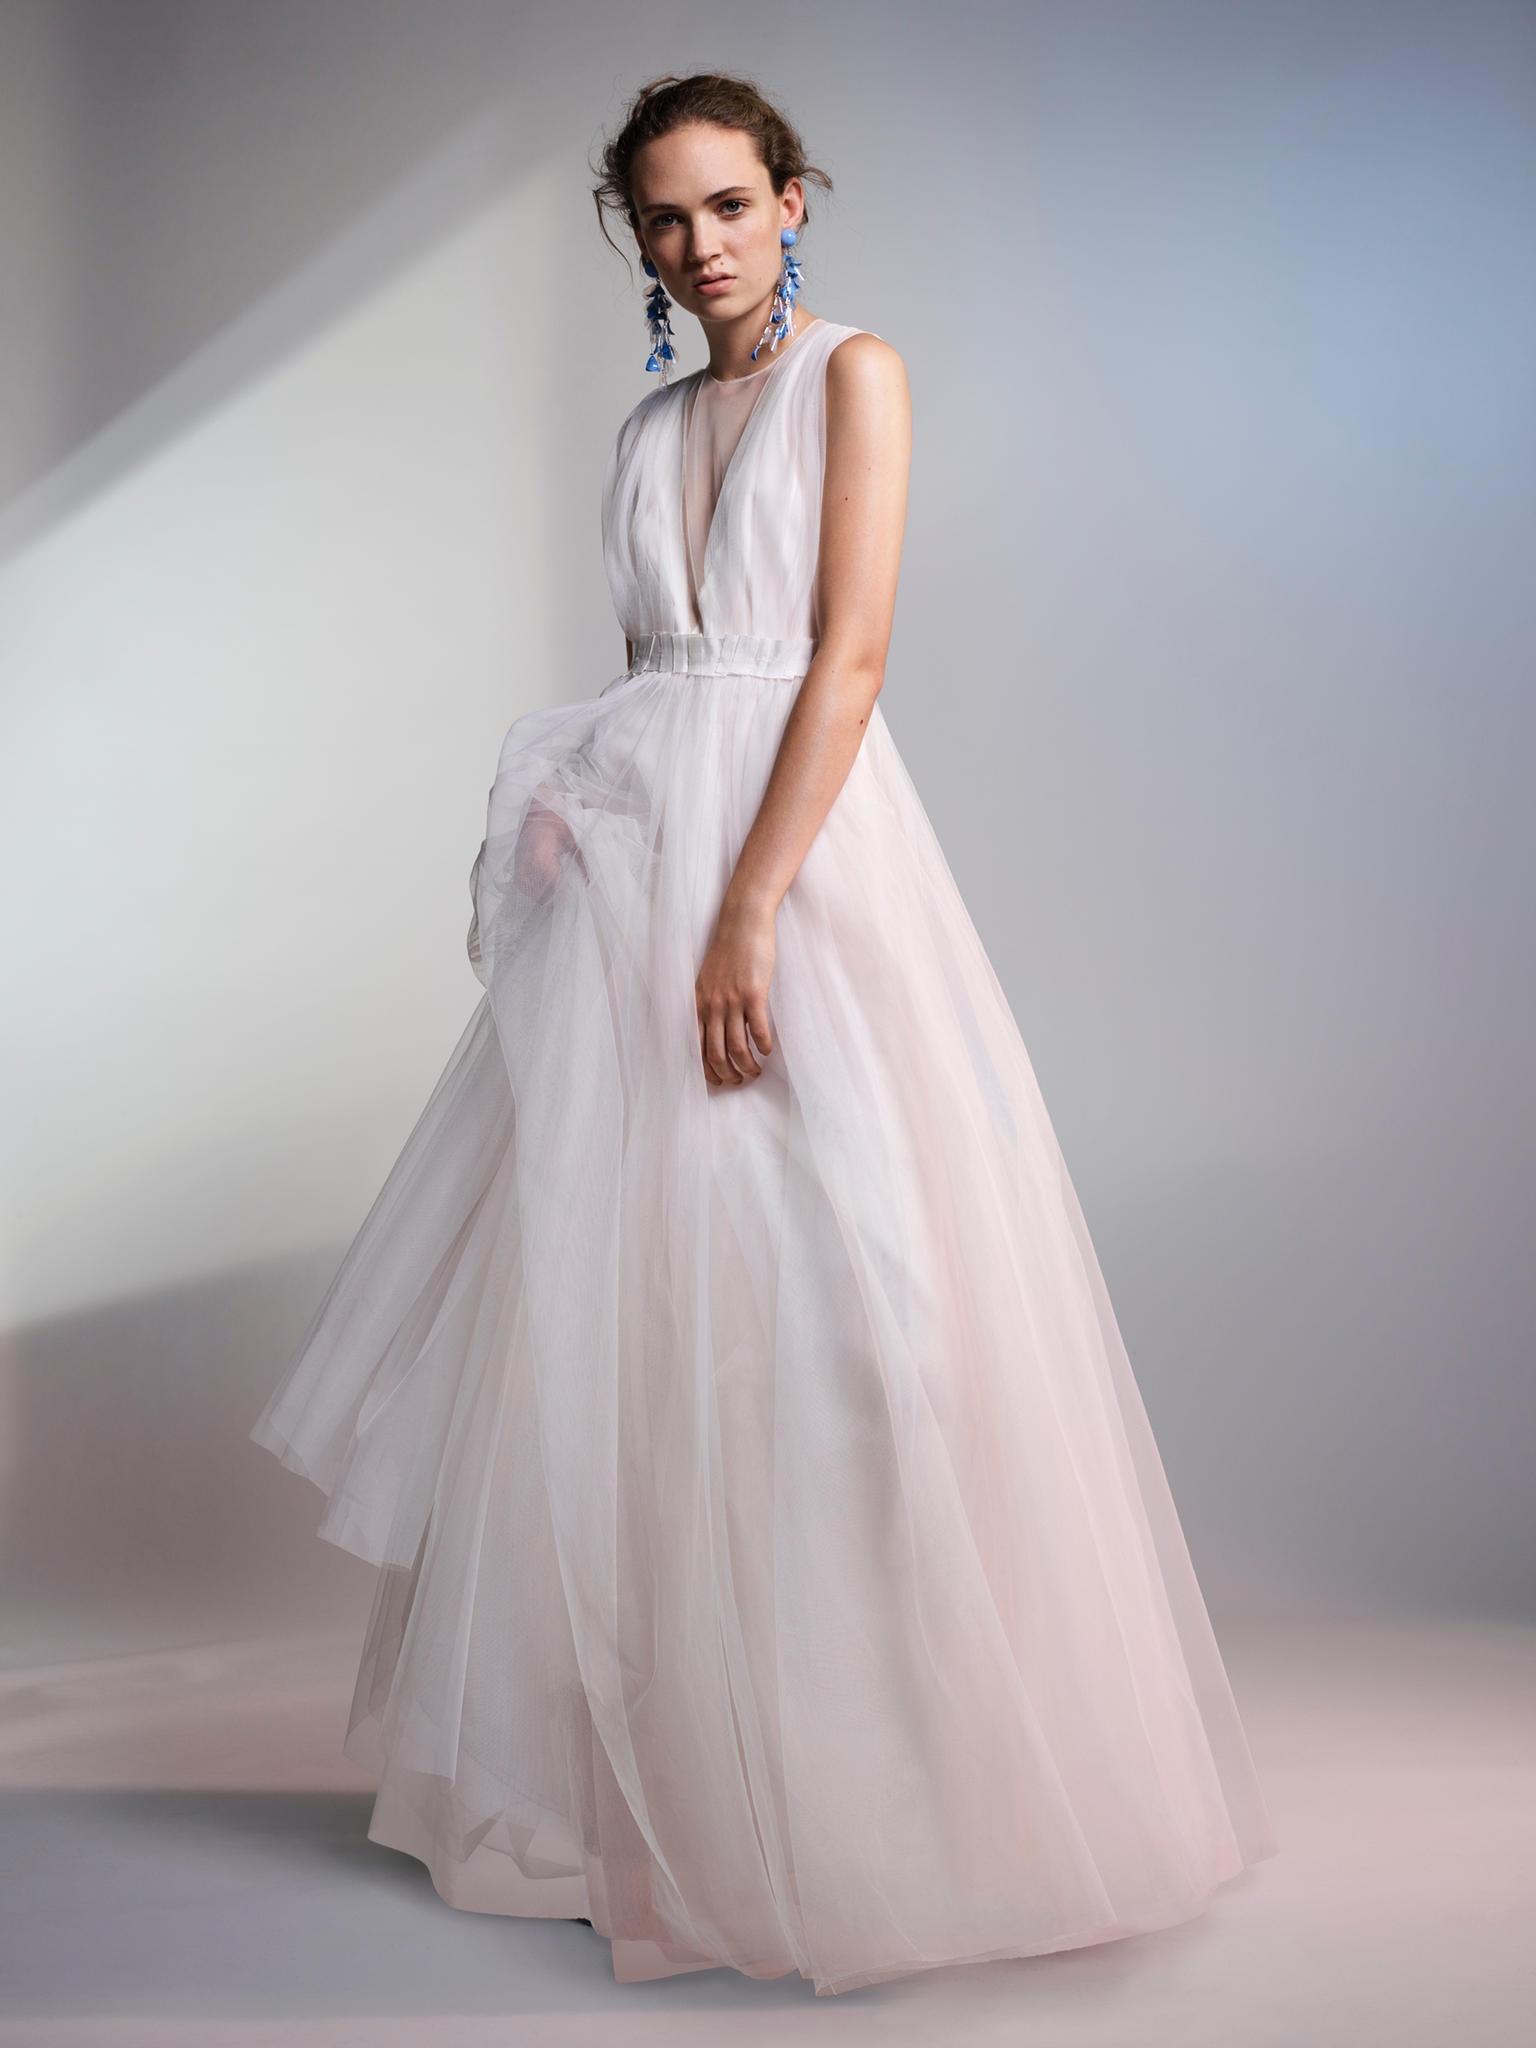 Brautkleider unter 300 Euro: H&M und Asos zeigen günstige ...